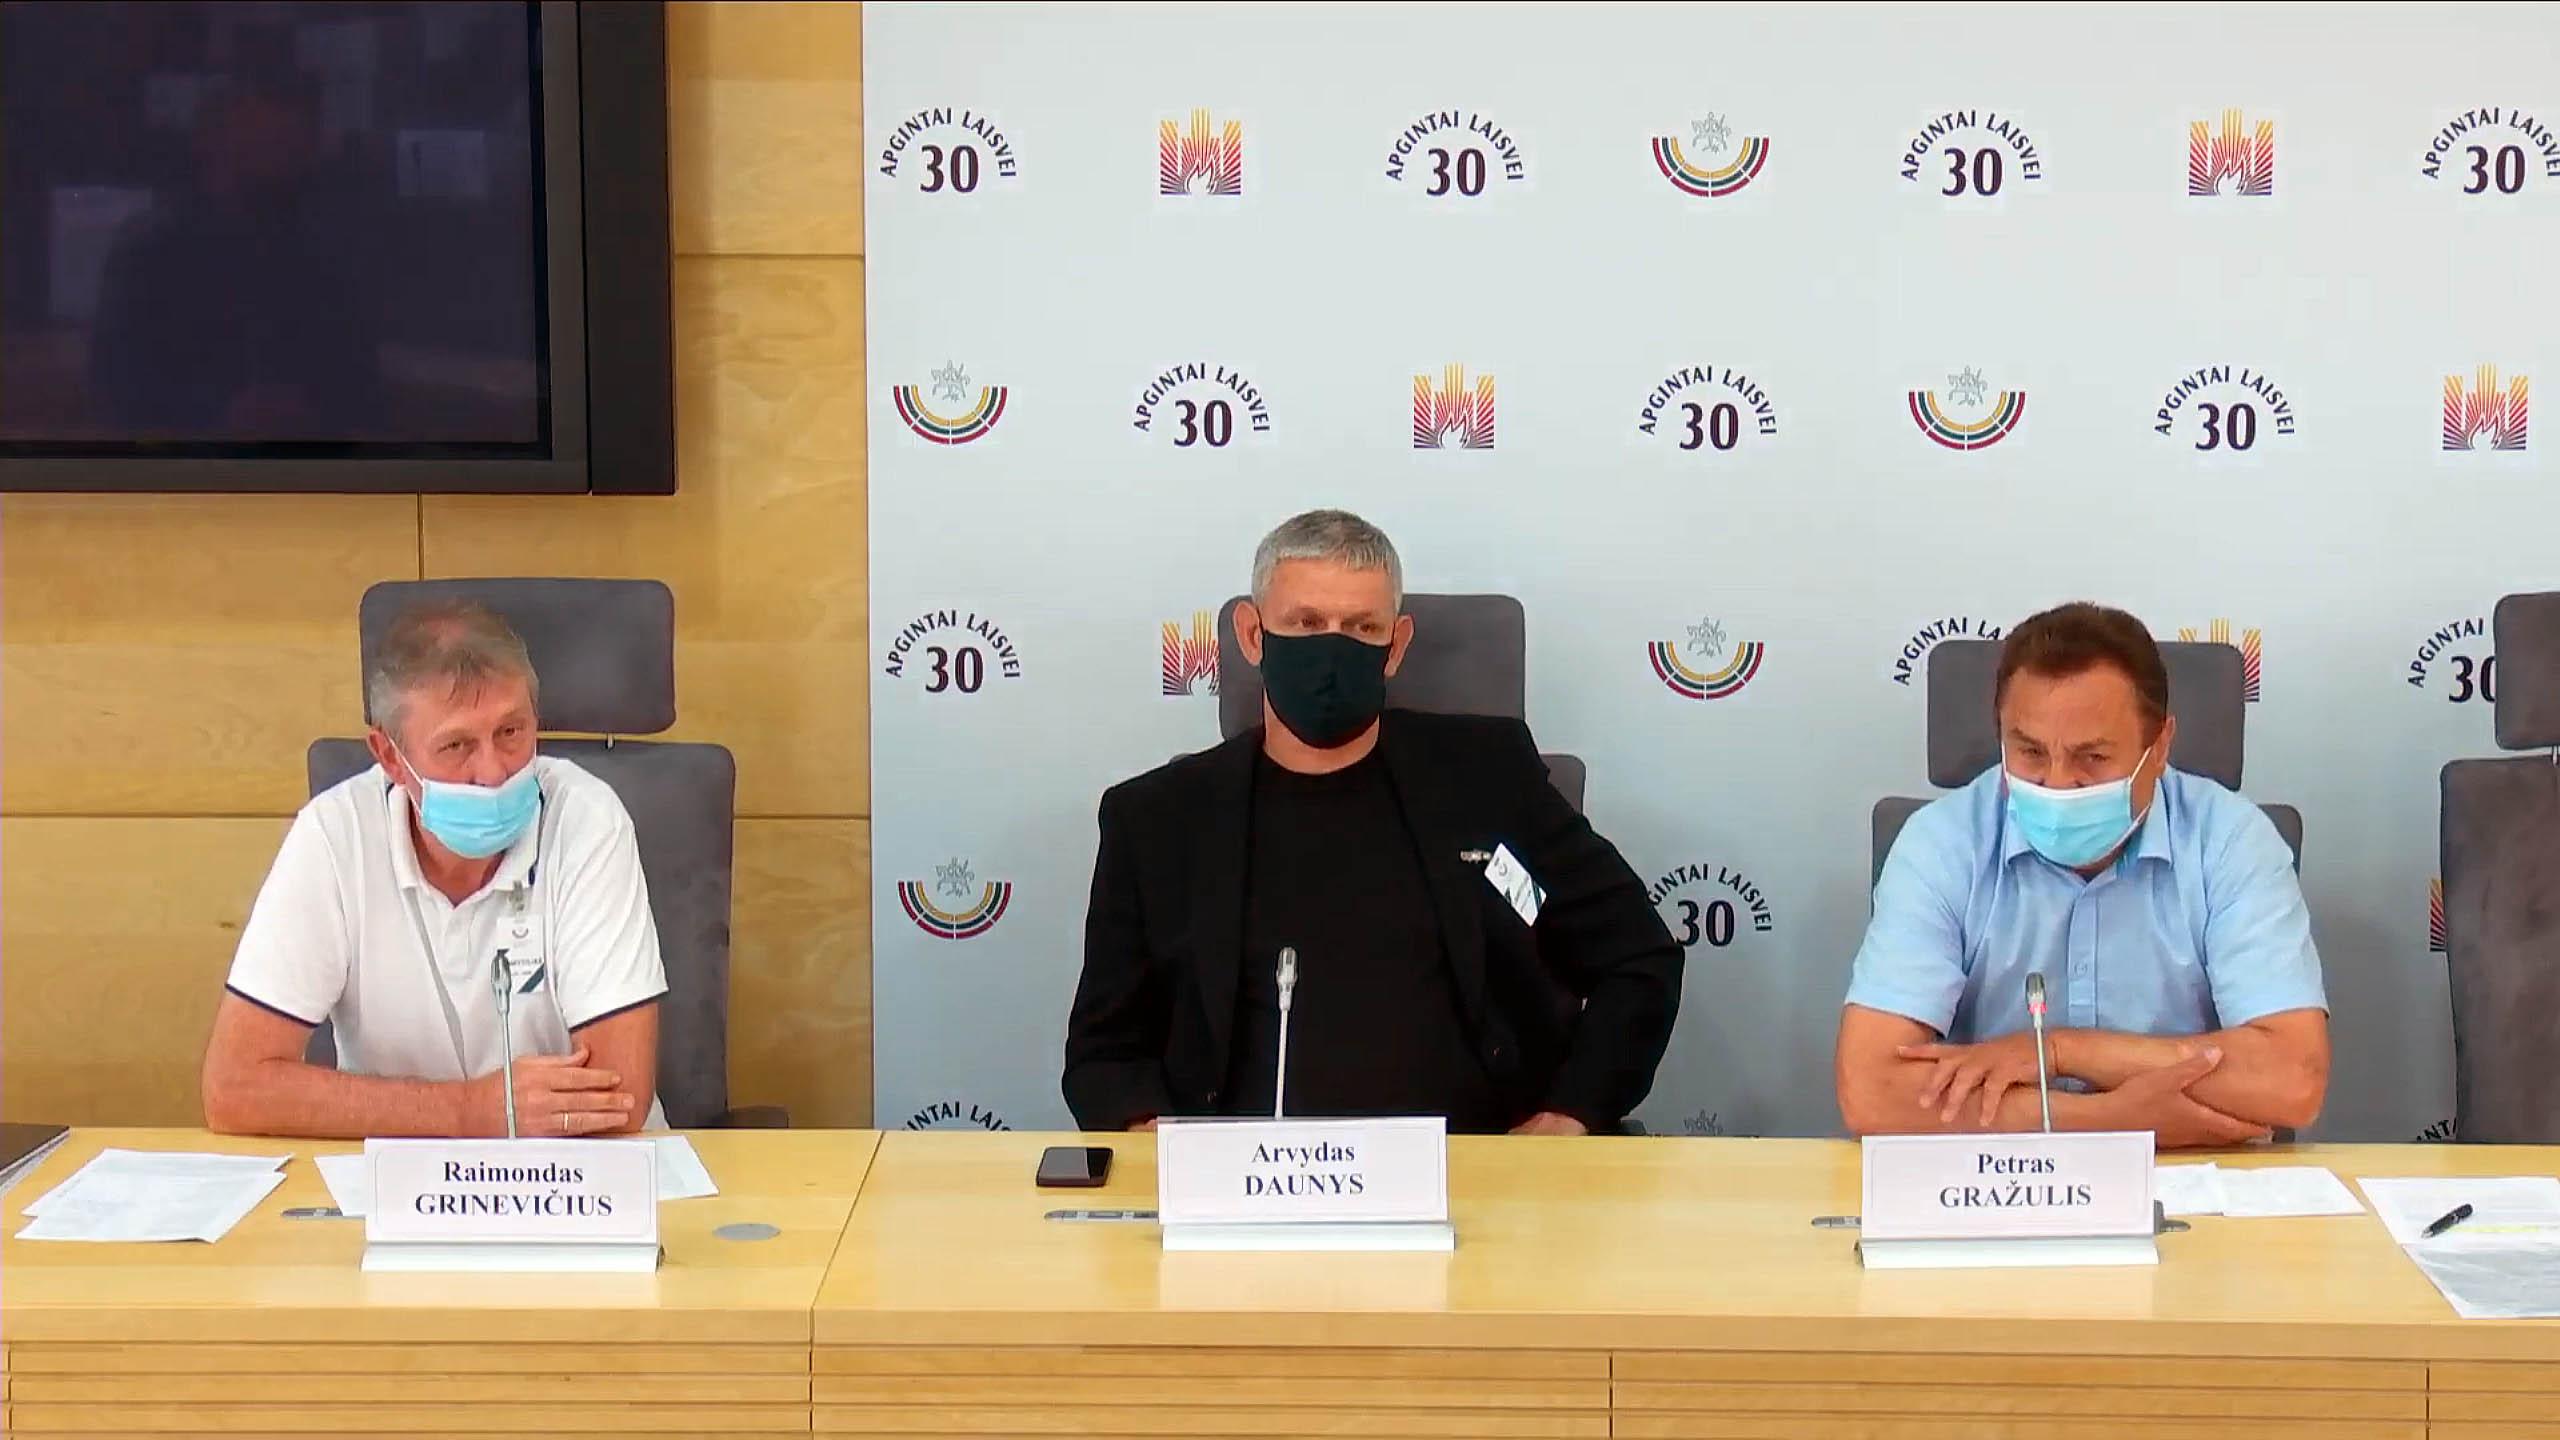 Raimondas Grinevičius, Arvydas Daunys, Petras Gražulis   Alkas.lt nuotr.